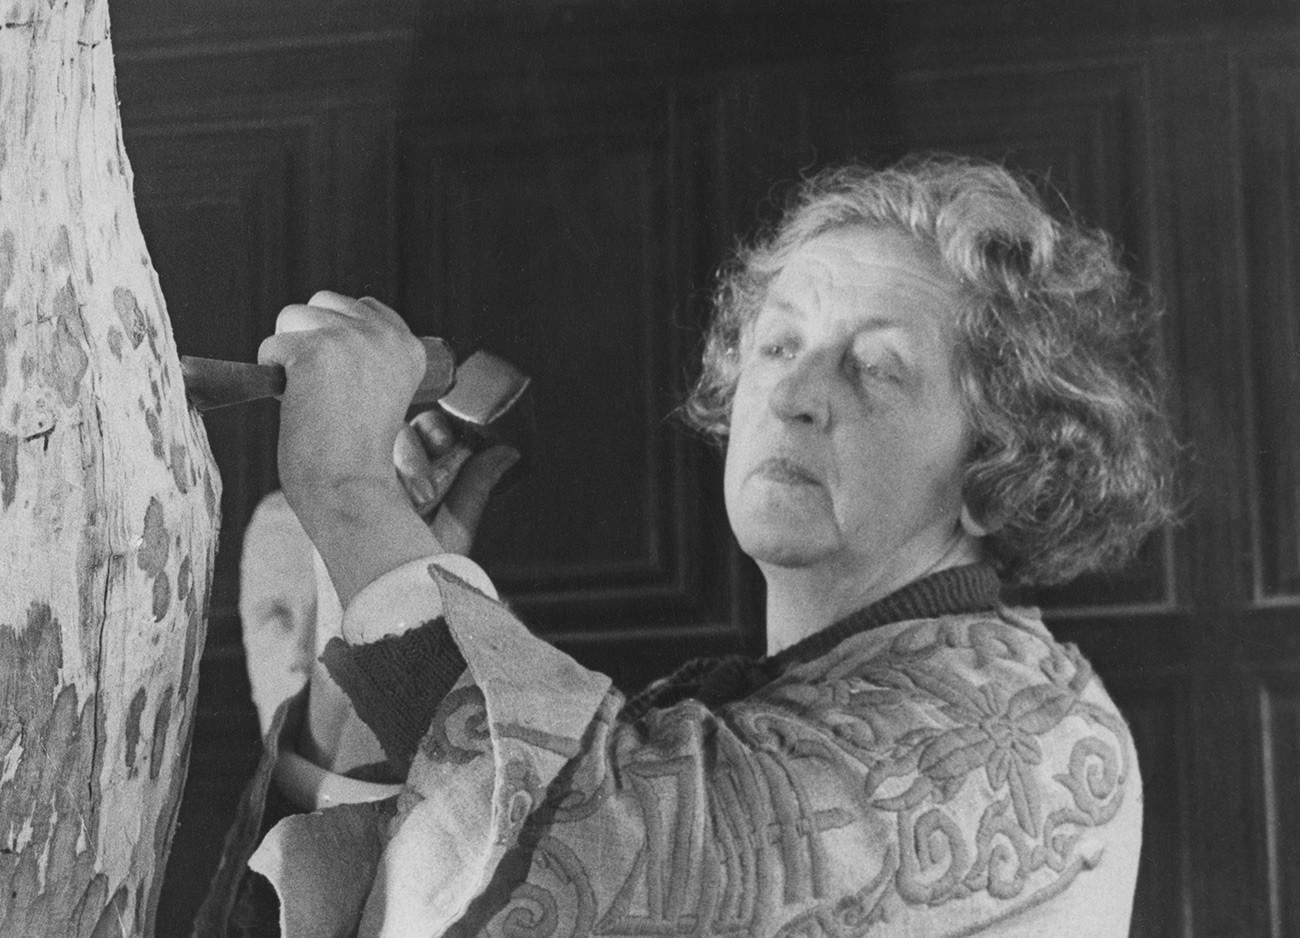 クレア・シェリダン、1951年